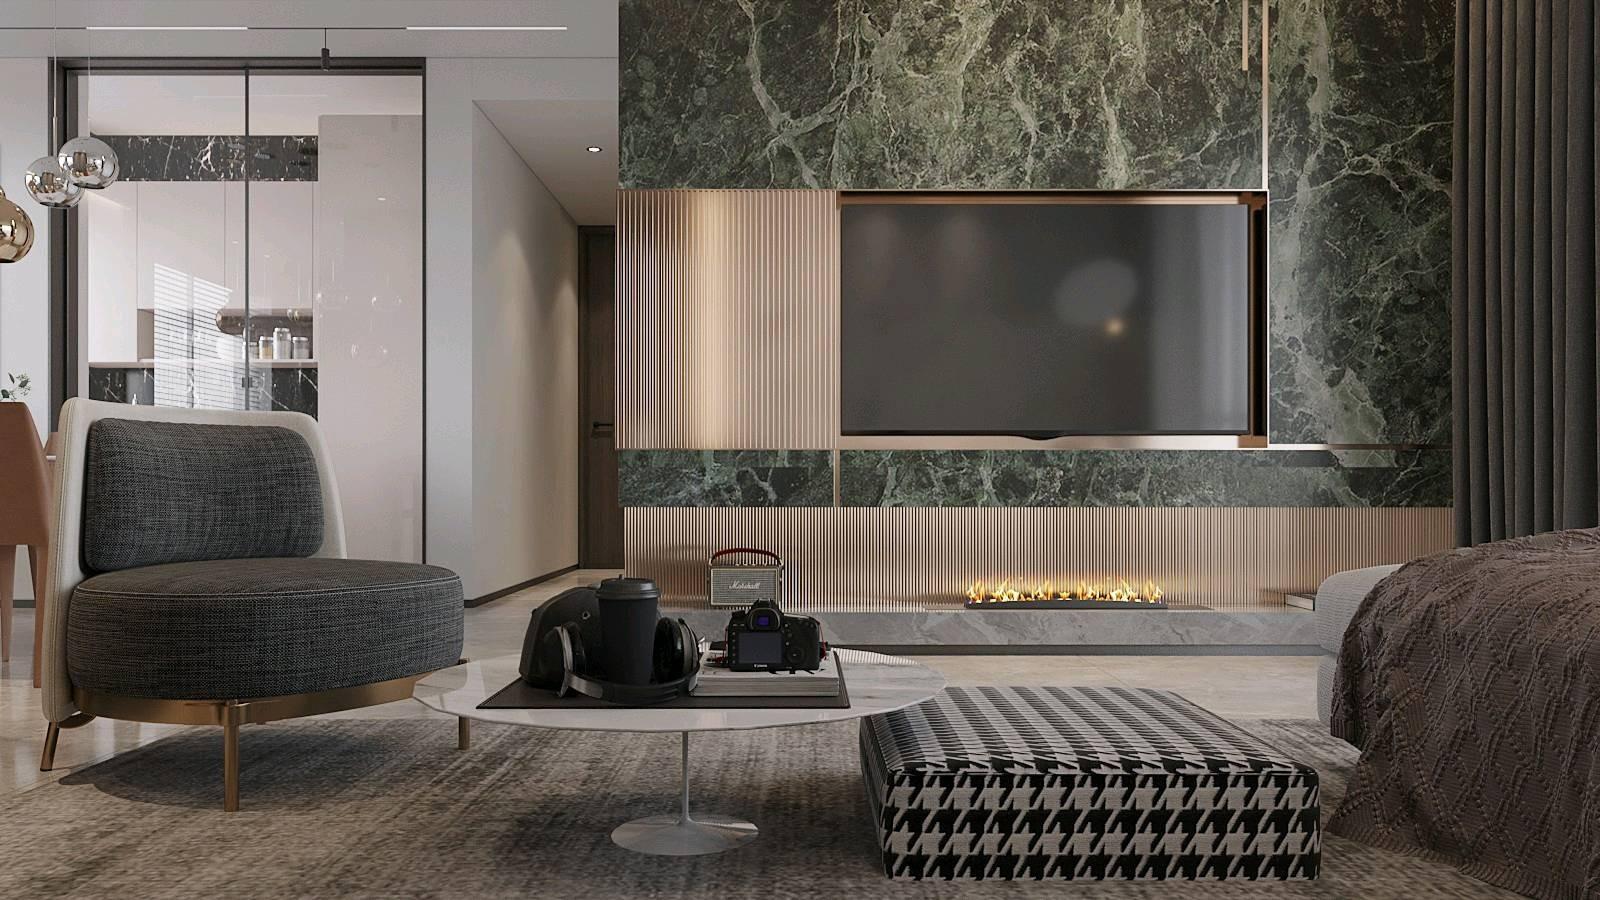 2020后现代客厅装修设计 2020后现代电视背景墙装修设计图片